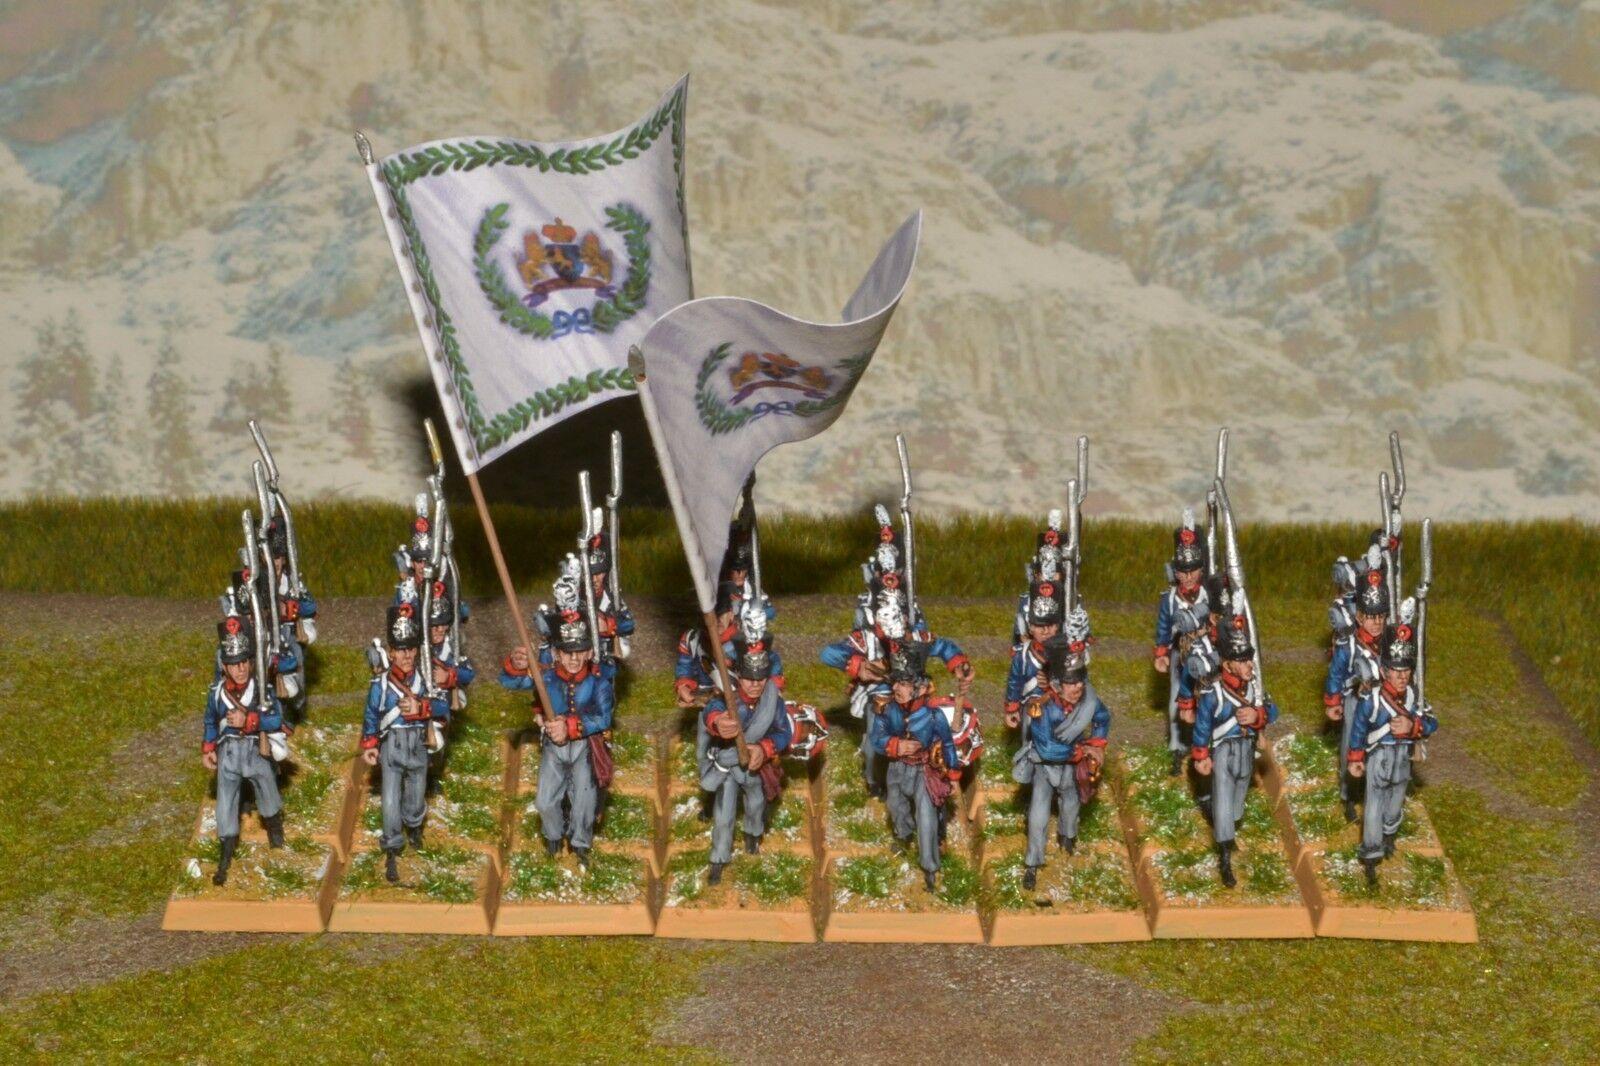 1 56 28mm del Departamento de Seguridad Pública Pintada napoleonice guerras holandés Batallón de Infantería de Línea 5th RC181